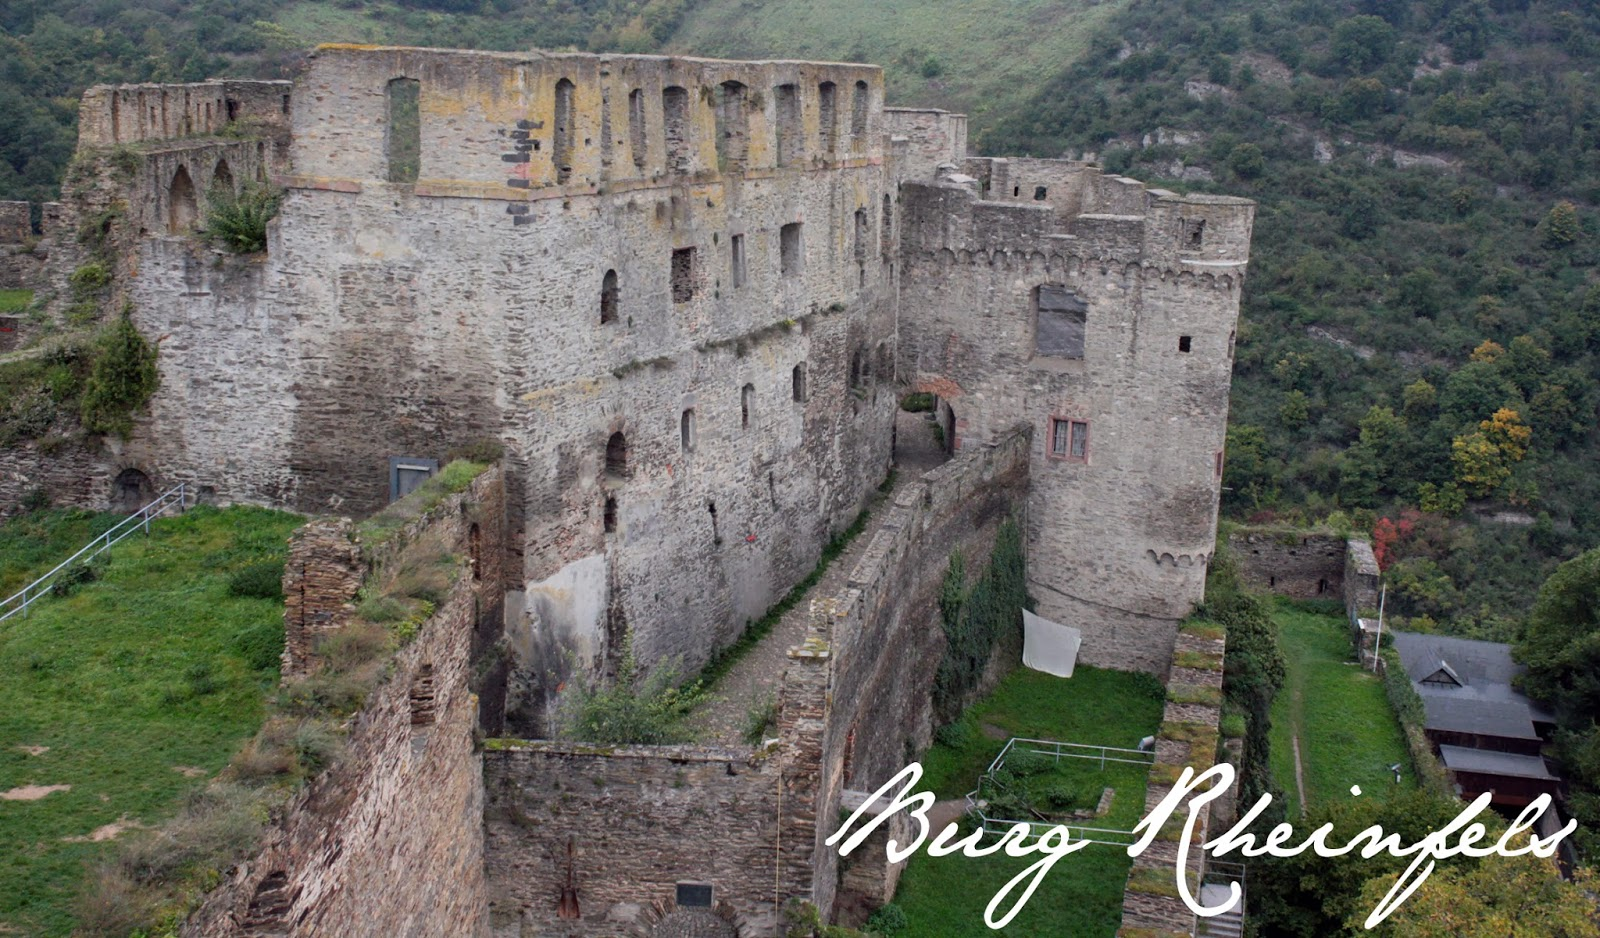 Ruins of Burg Rheinfels - The Tipsy Terrier blog